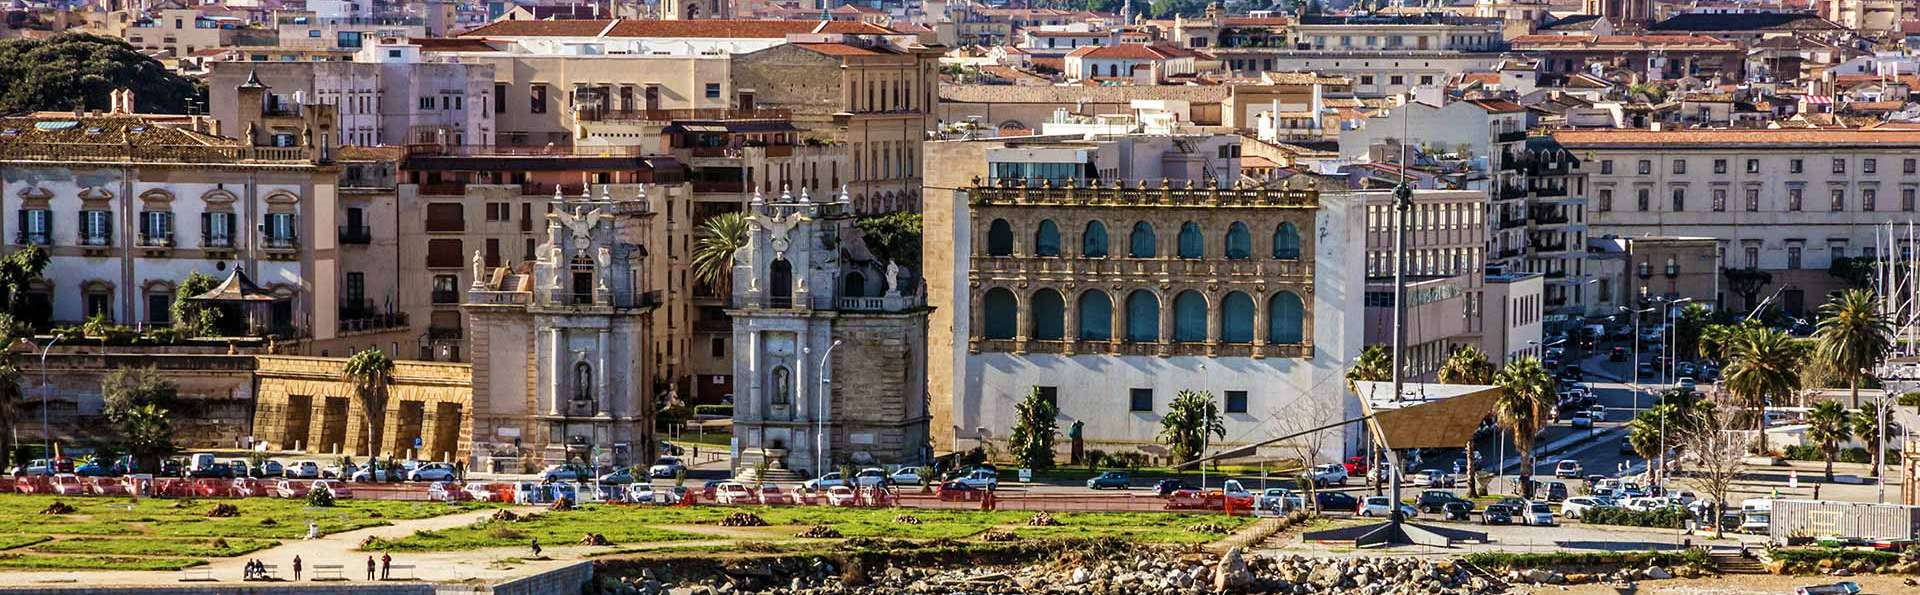 Week-end entre Palerme et Mondello : séjour dans la verdure d'une villa historique